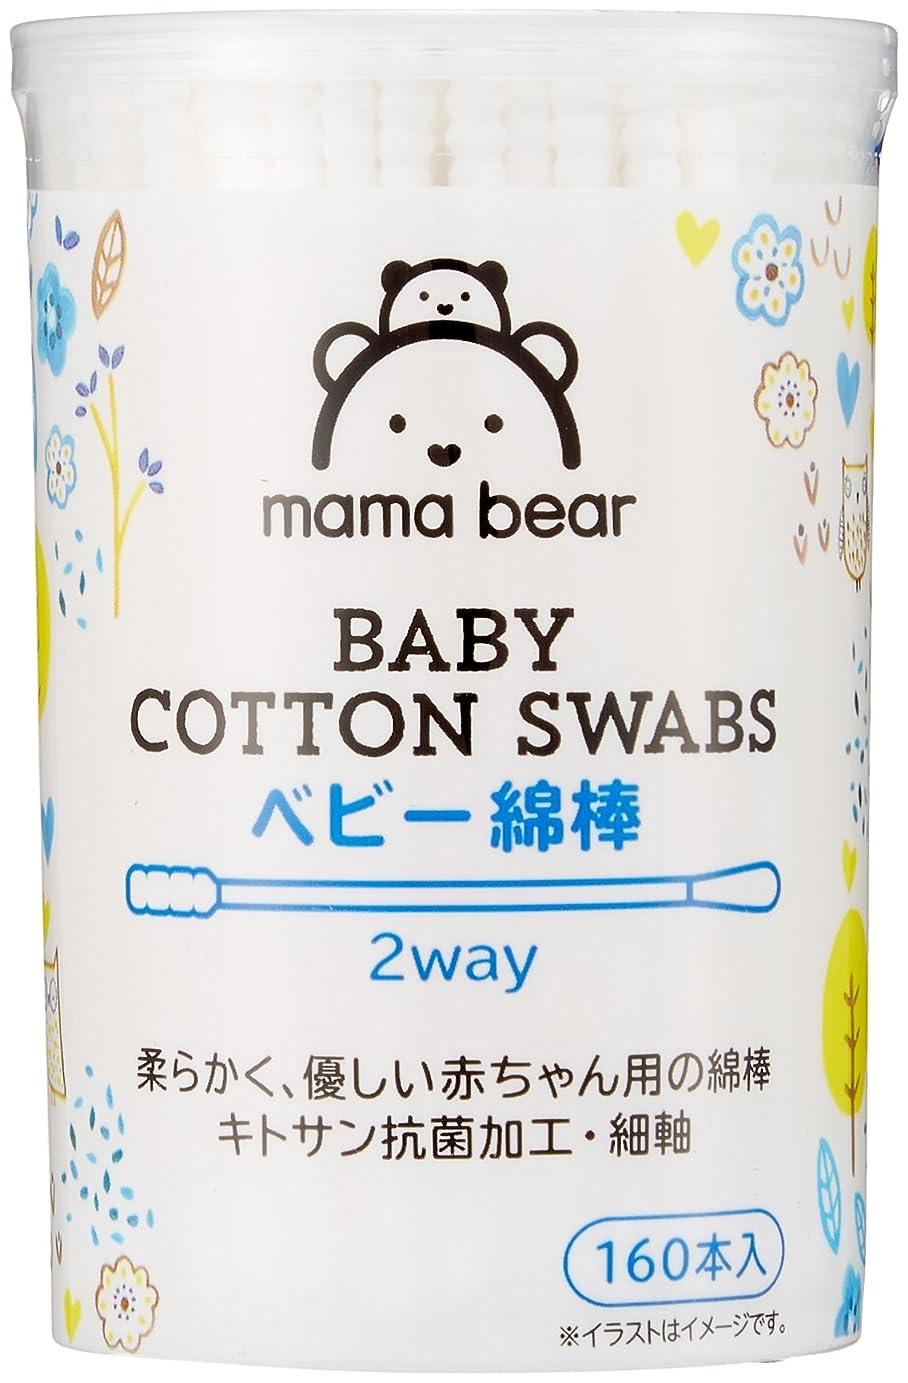 項目何よりも換気[Amazonブランド]Mama Bear ベビー綿棒 2way 160本x6個